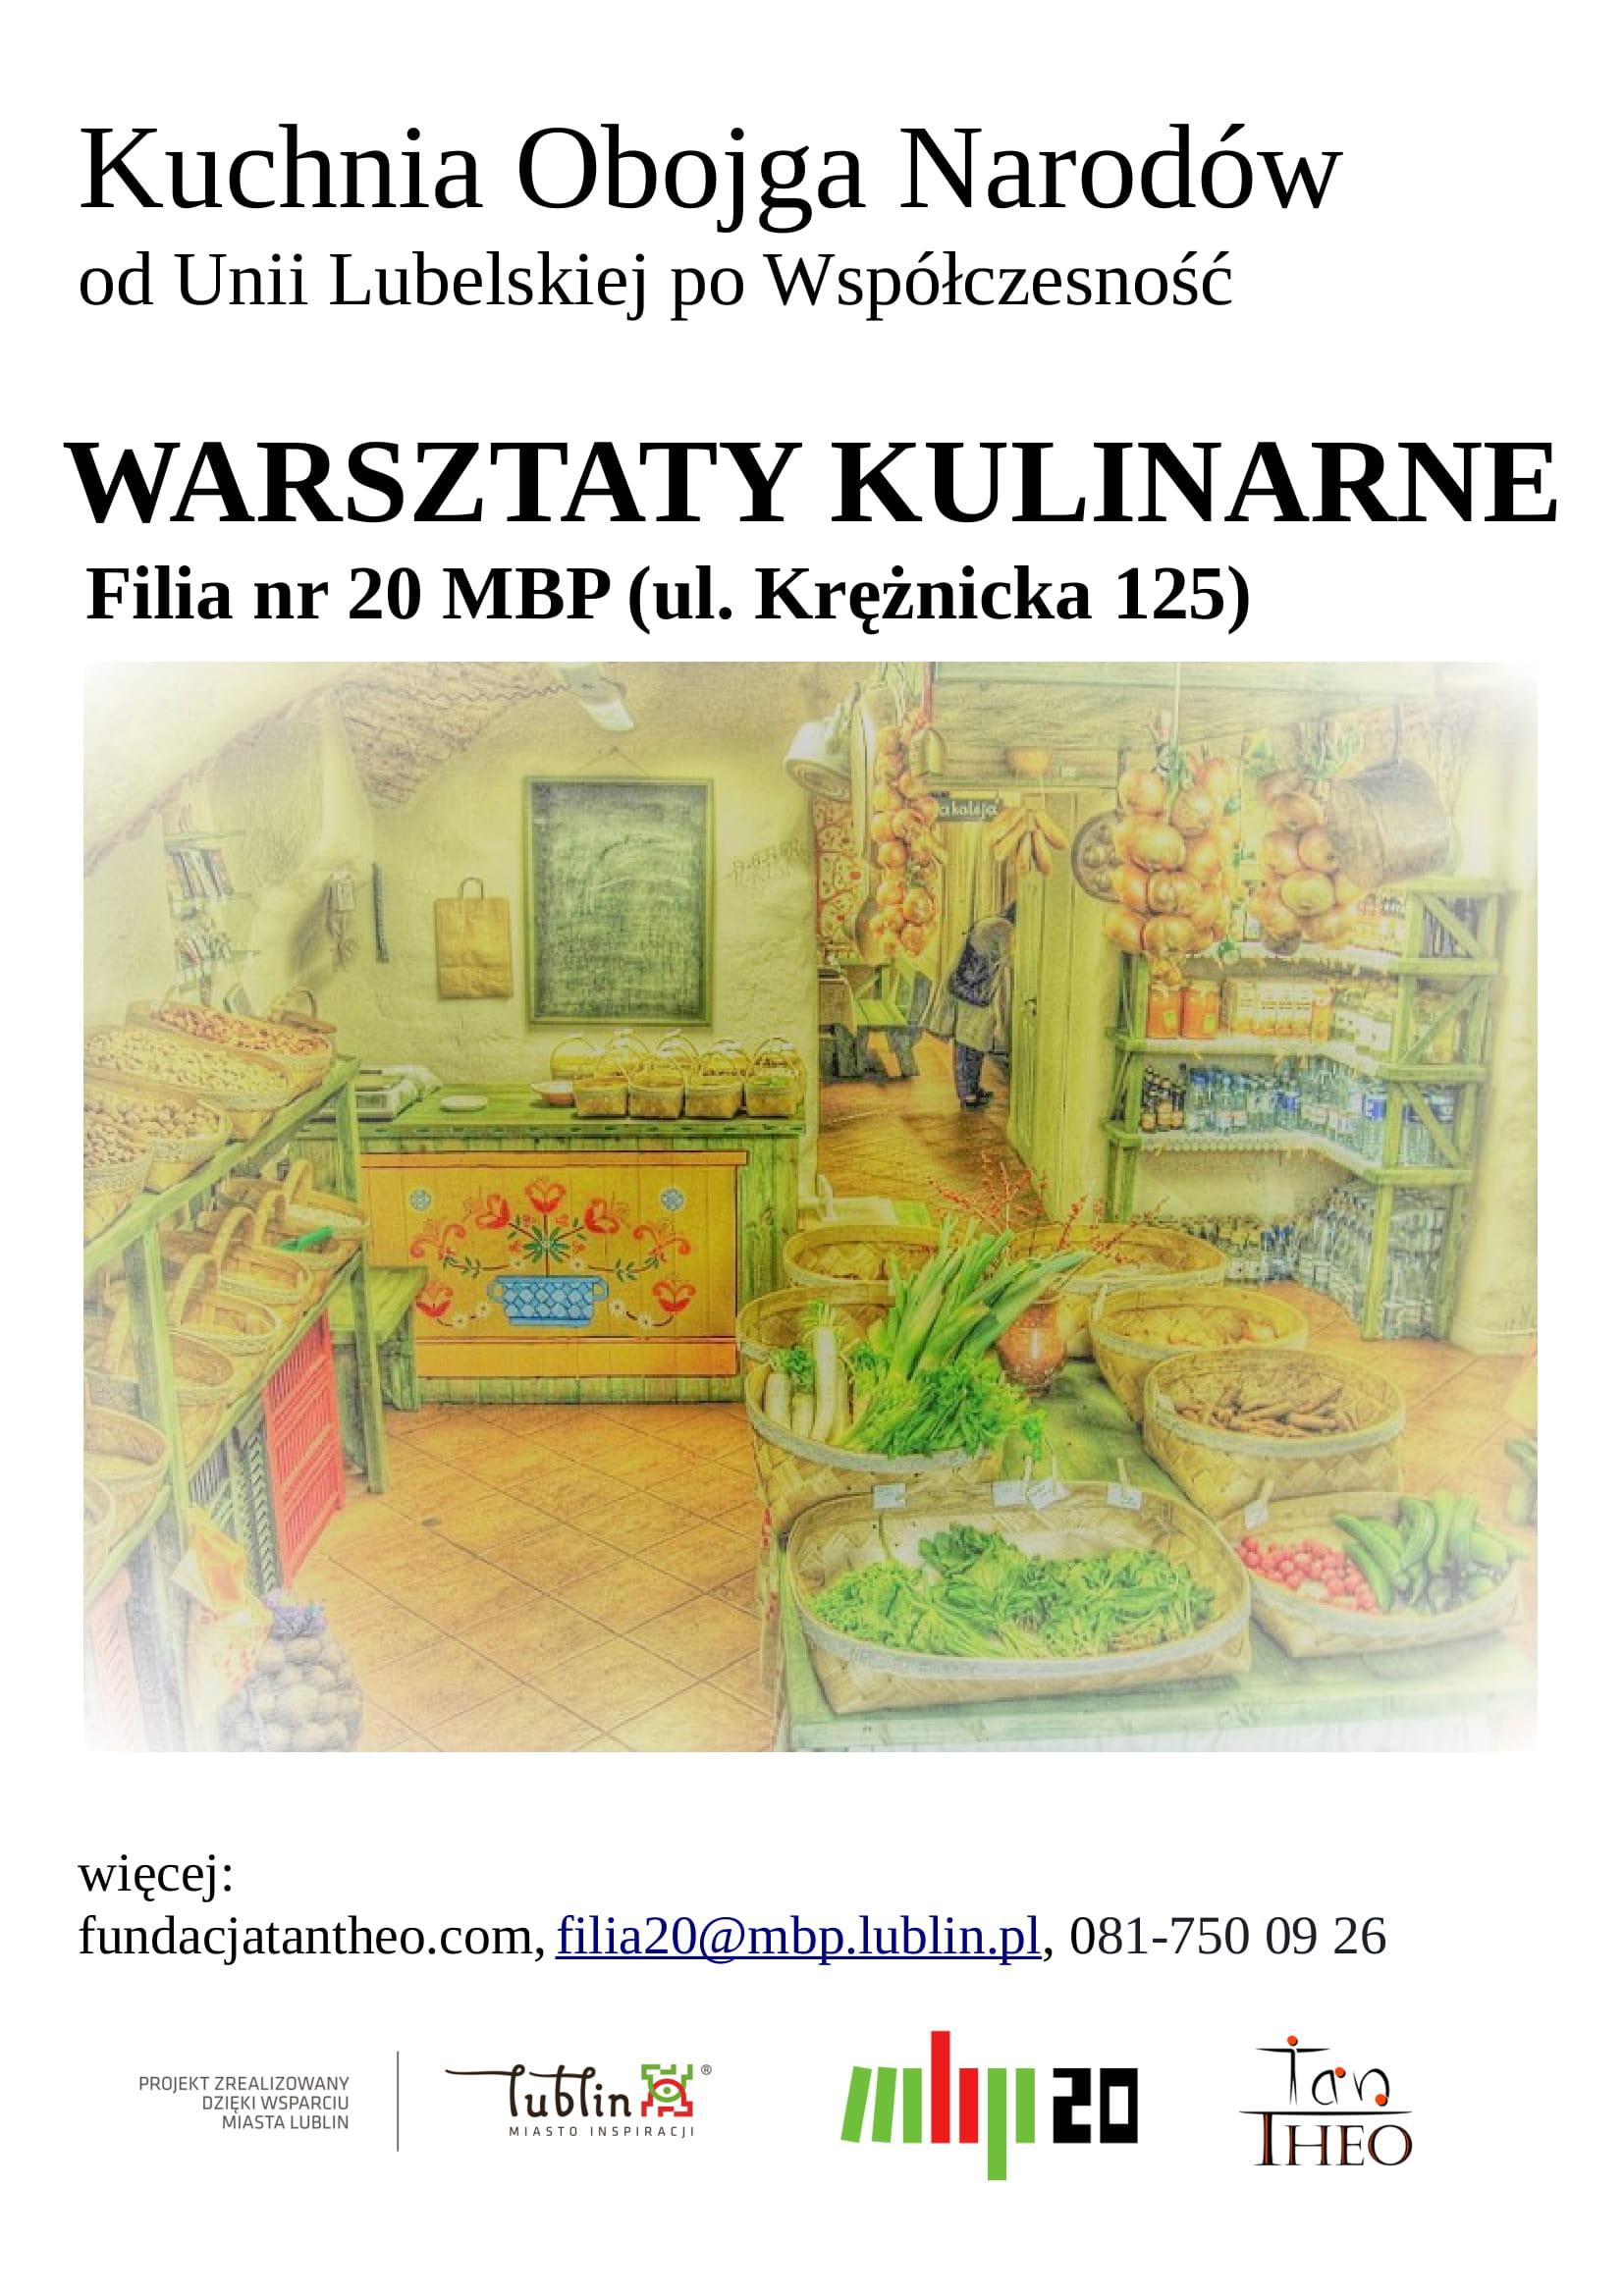 plakat Kuchnia-1